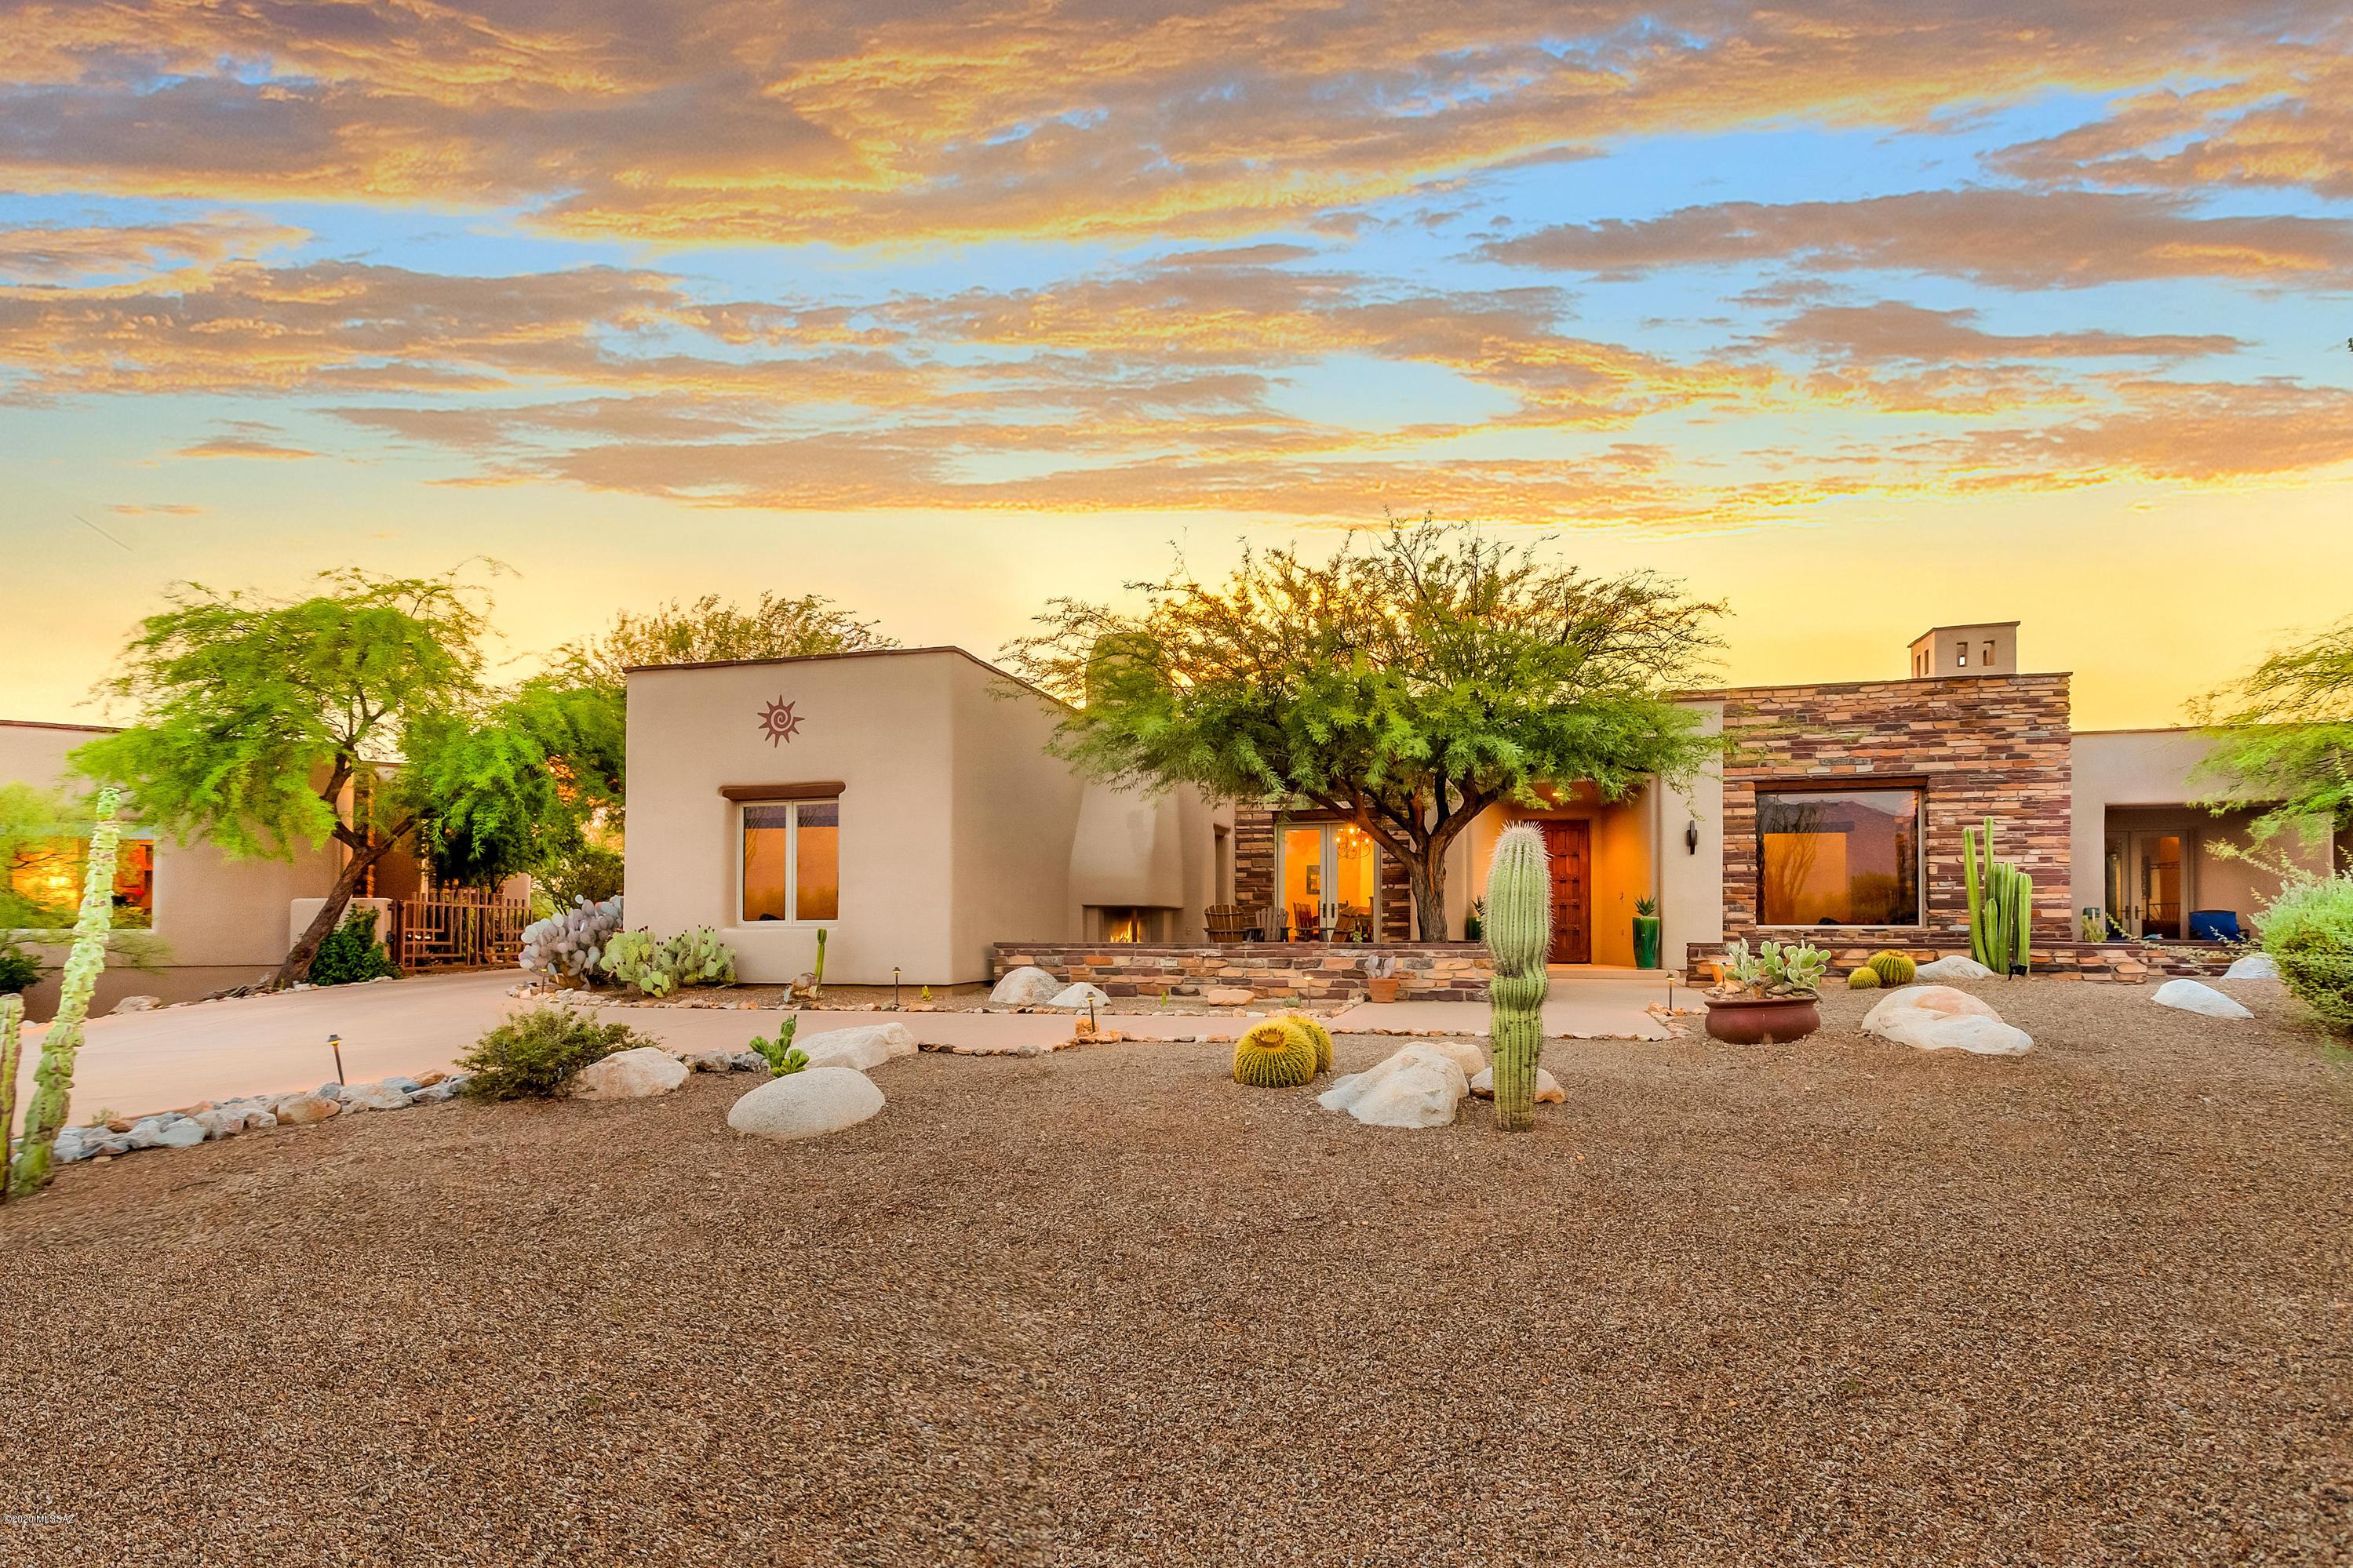 Photo of 14005 N Honey Tree Place, Oro Valley, AZ 85755